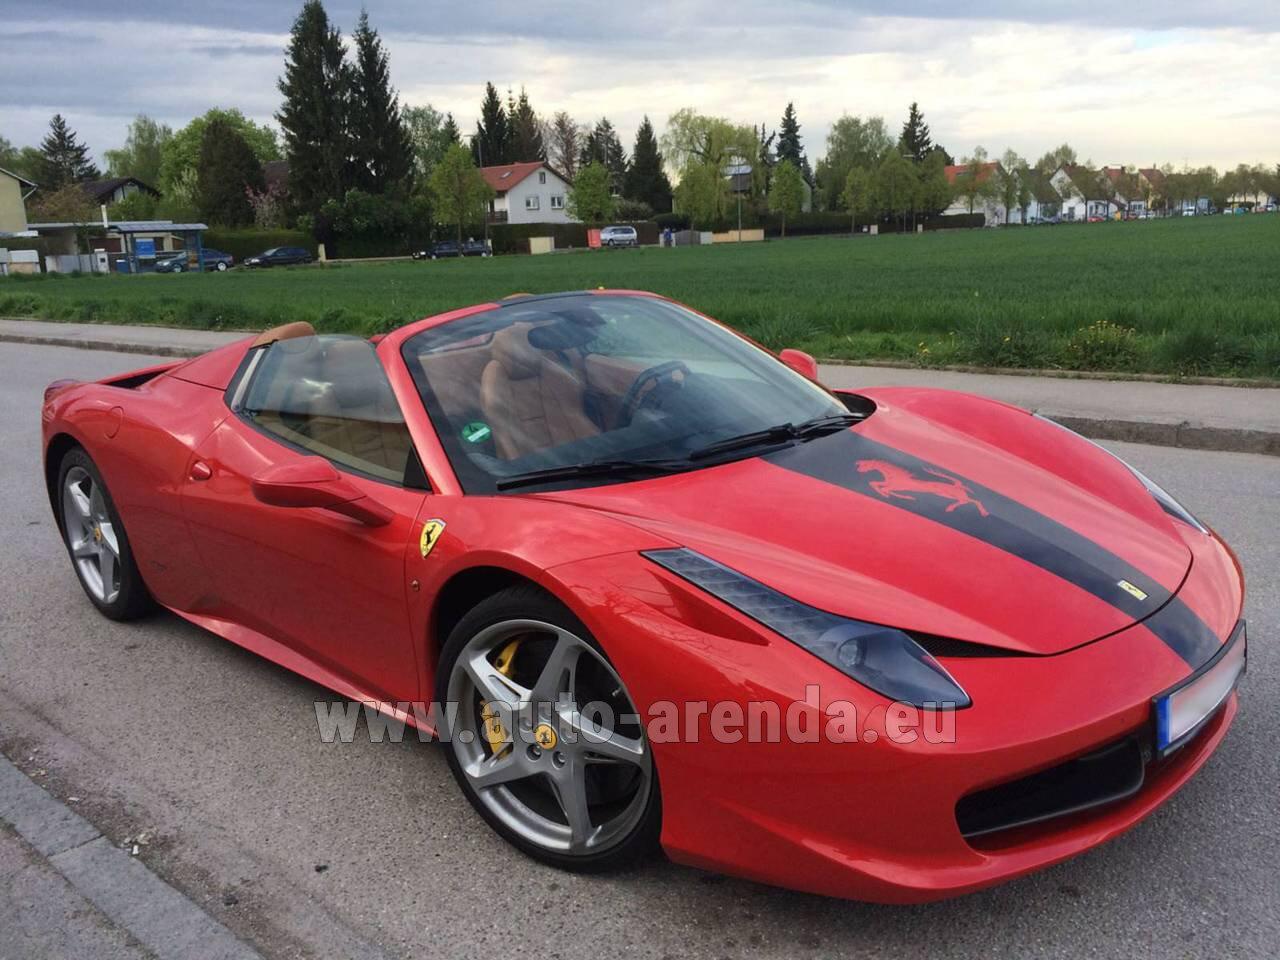 Rent The Ferrari 458 Italia Spider Cabrio Car In France